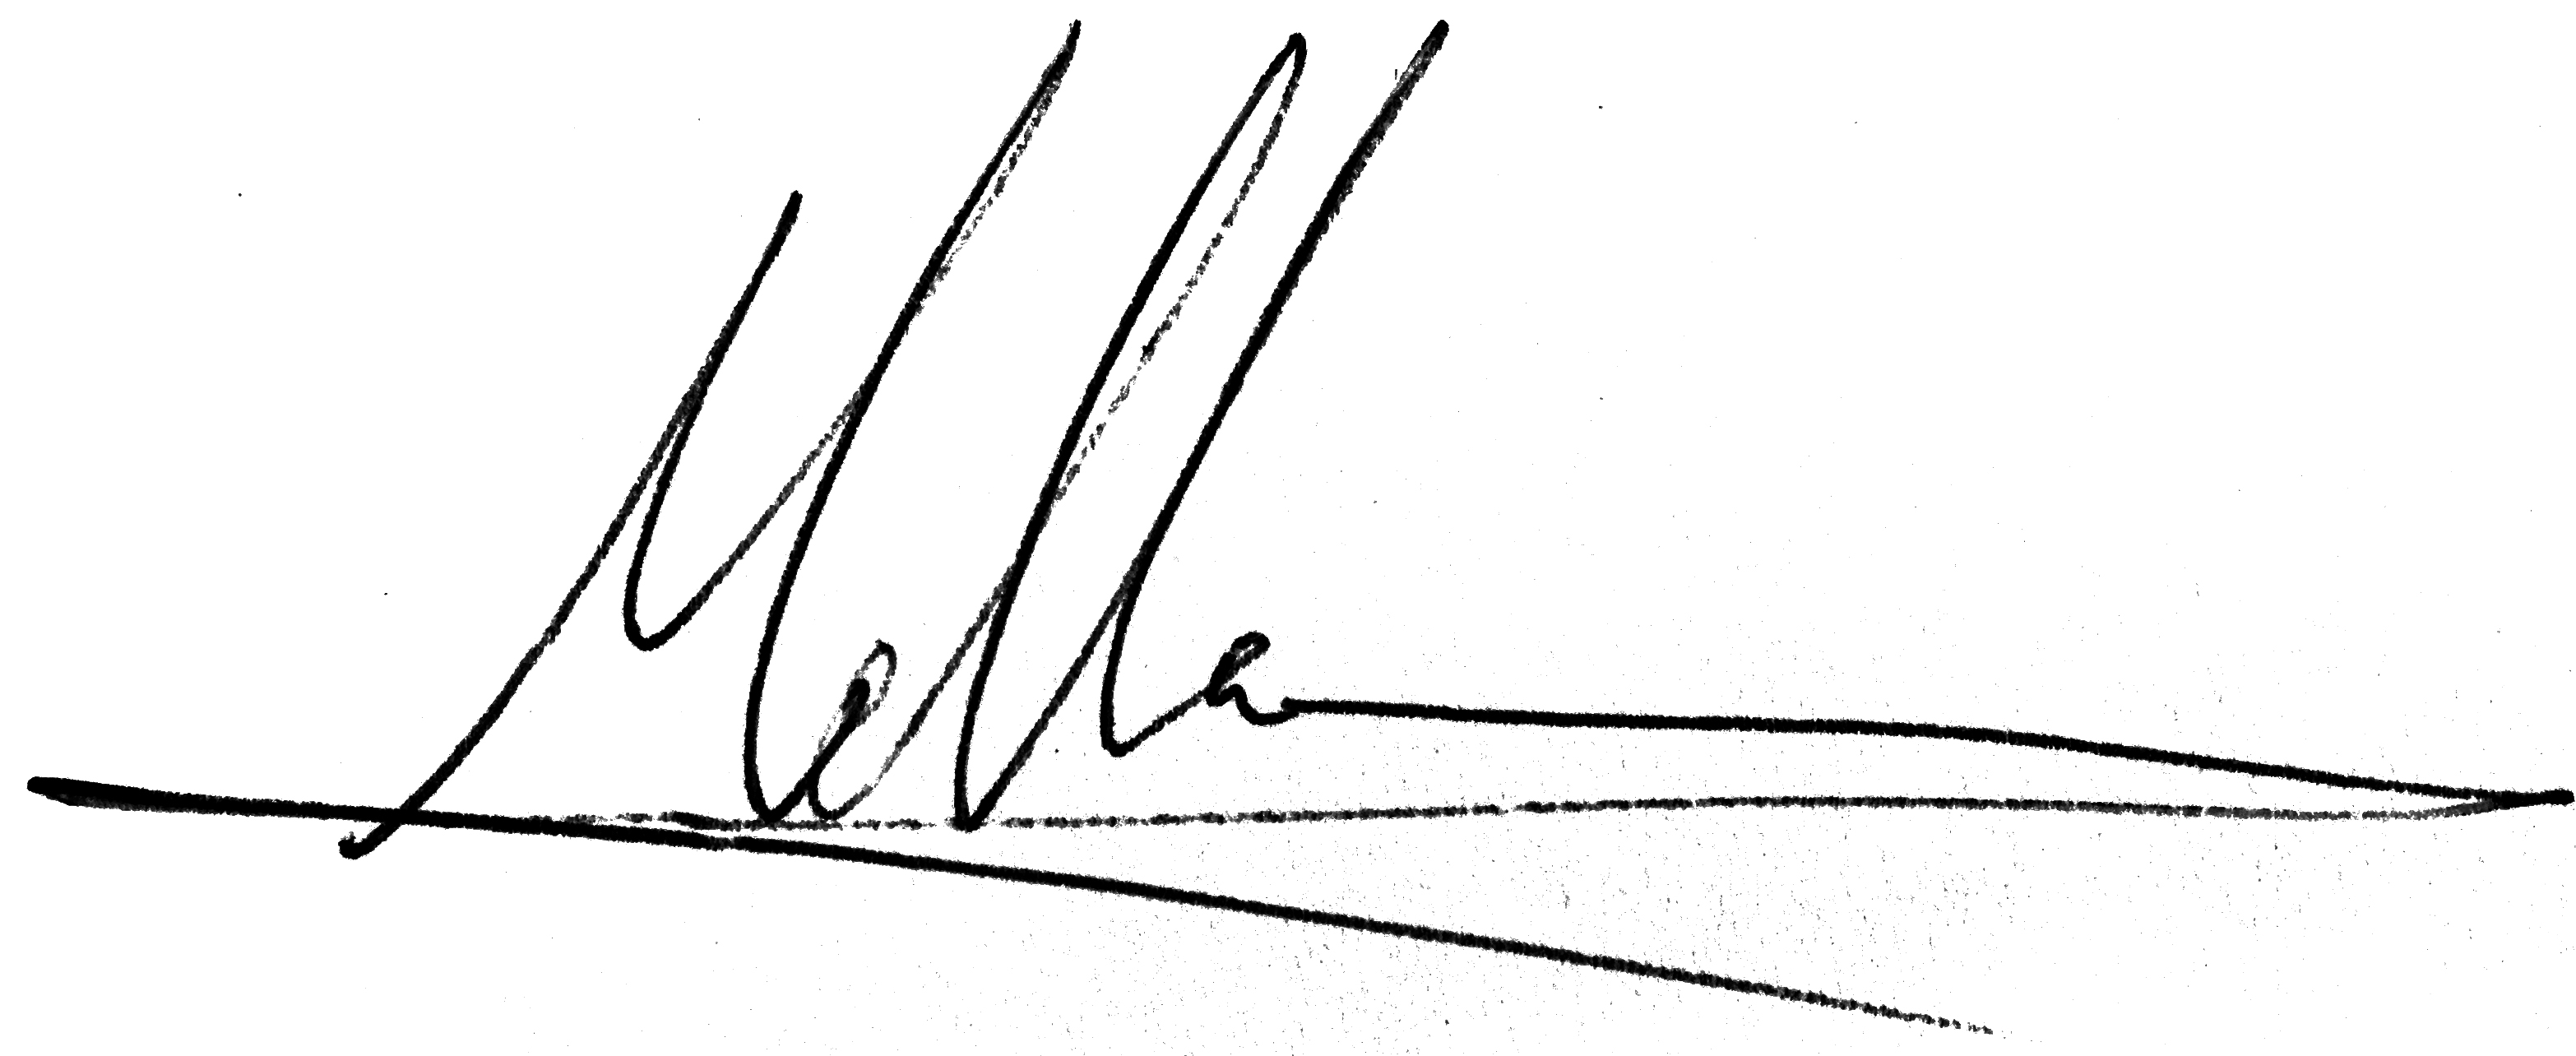 MELLA's Signature